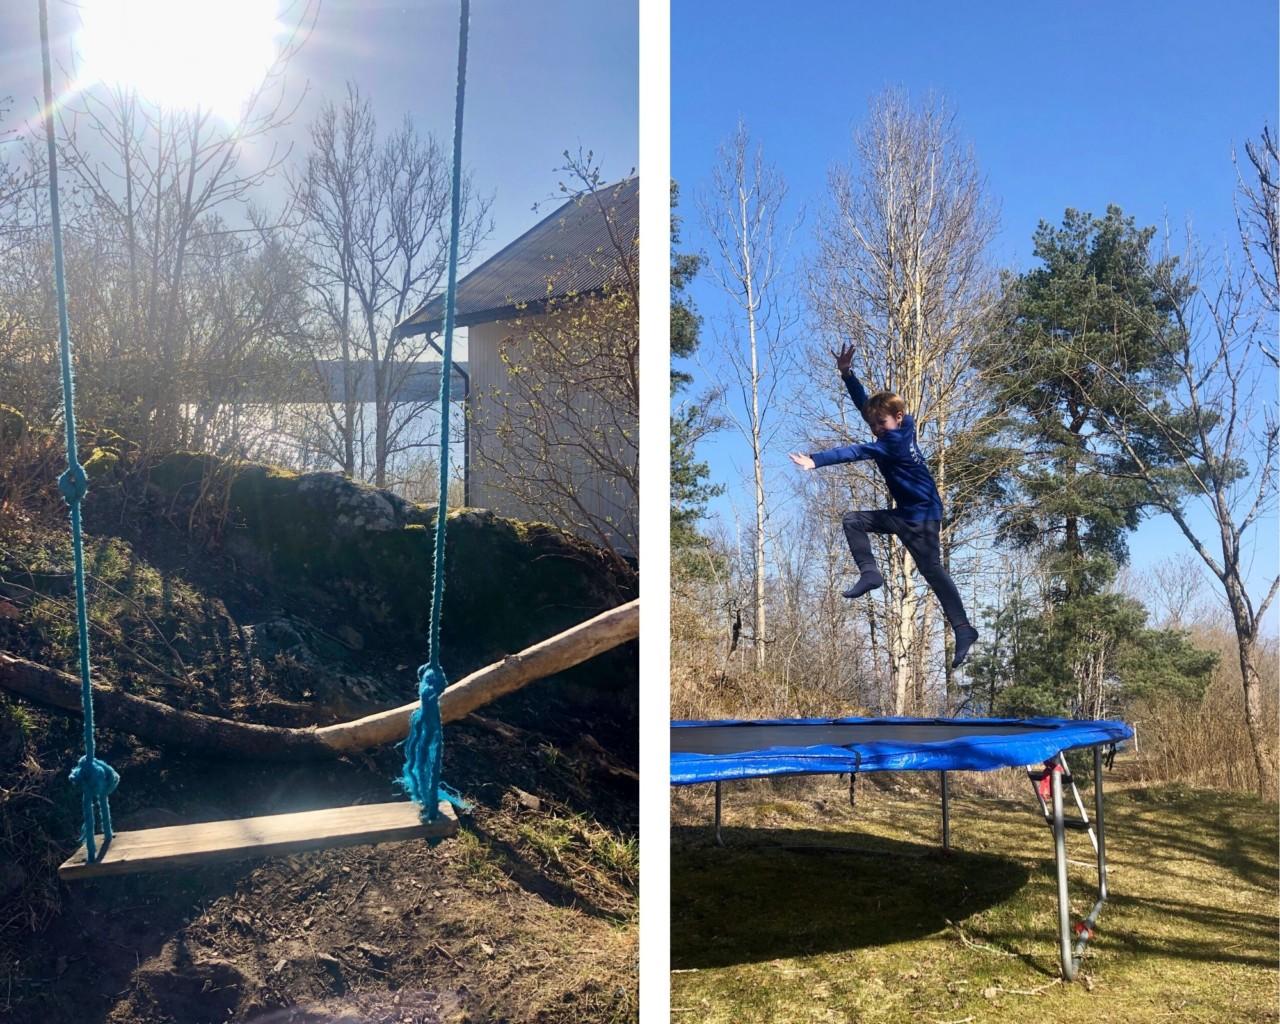 trampoline-gutt-huske-kirkevika-nesodden-sol